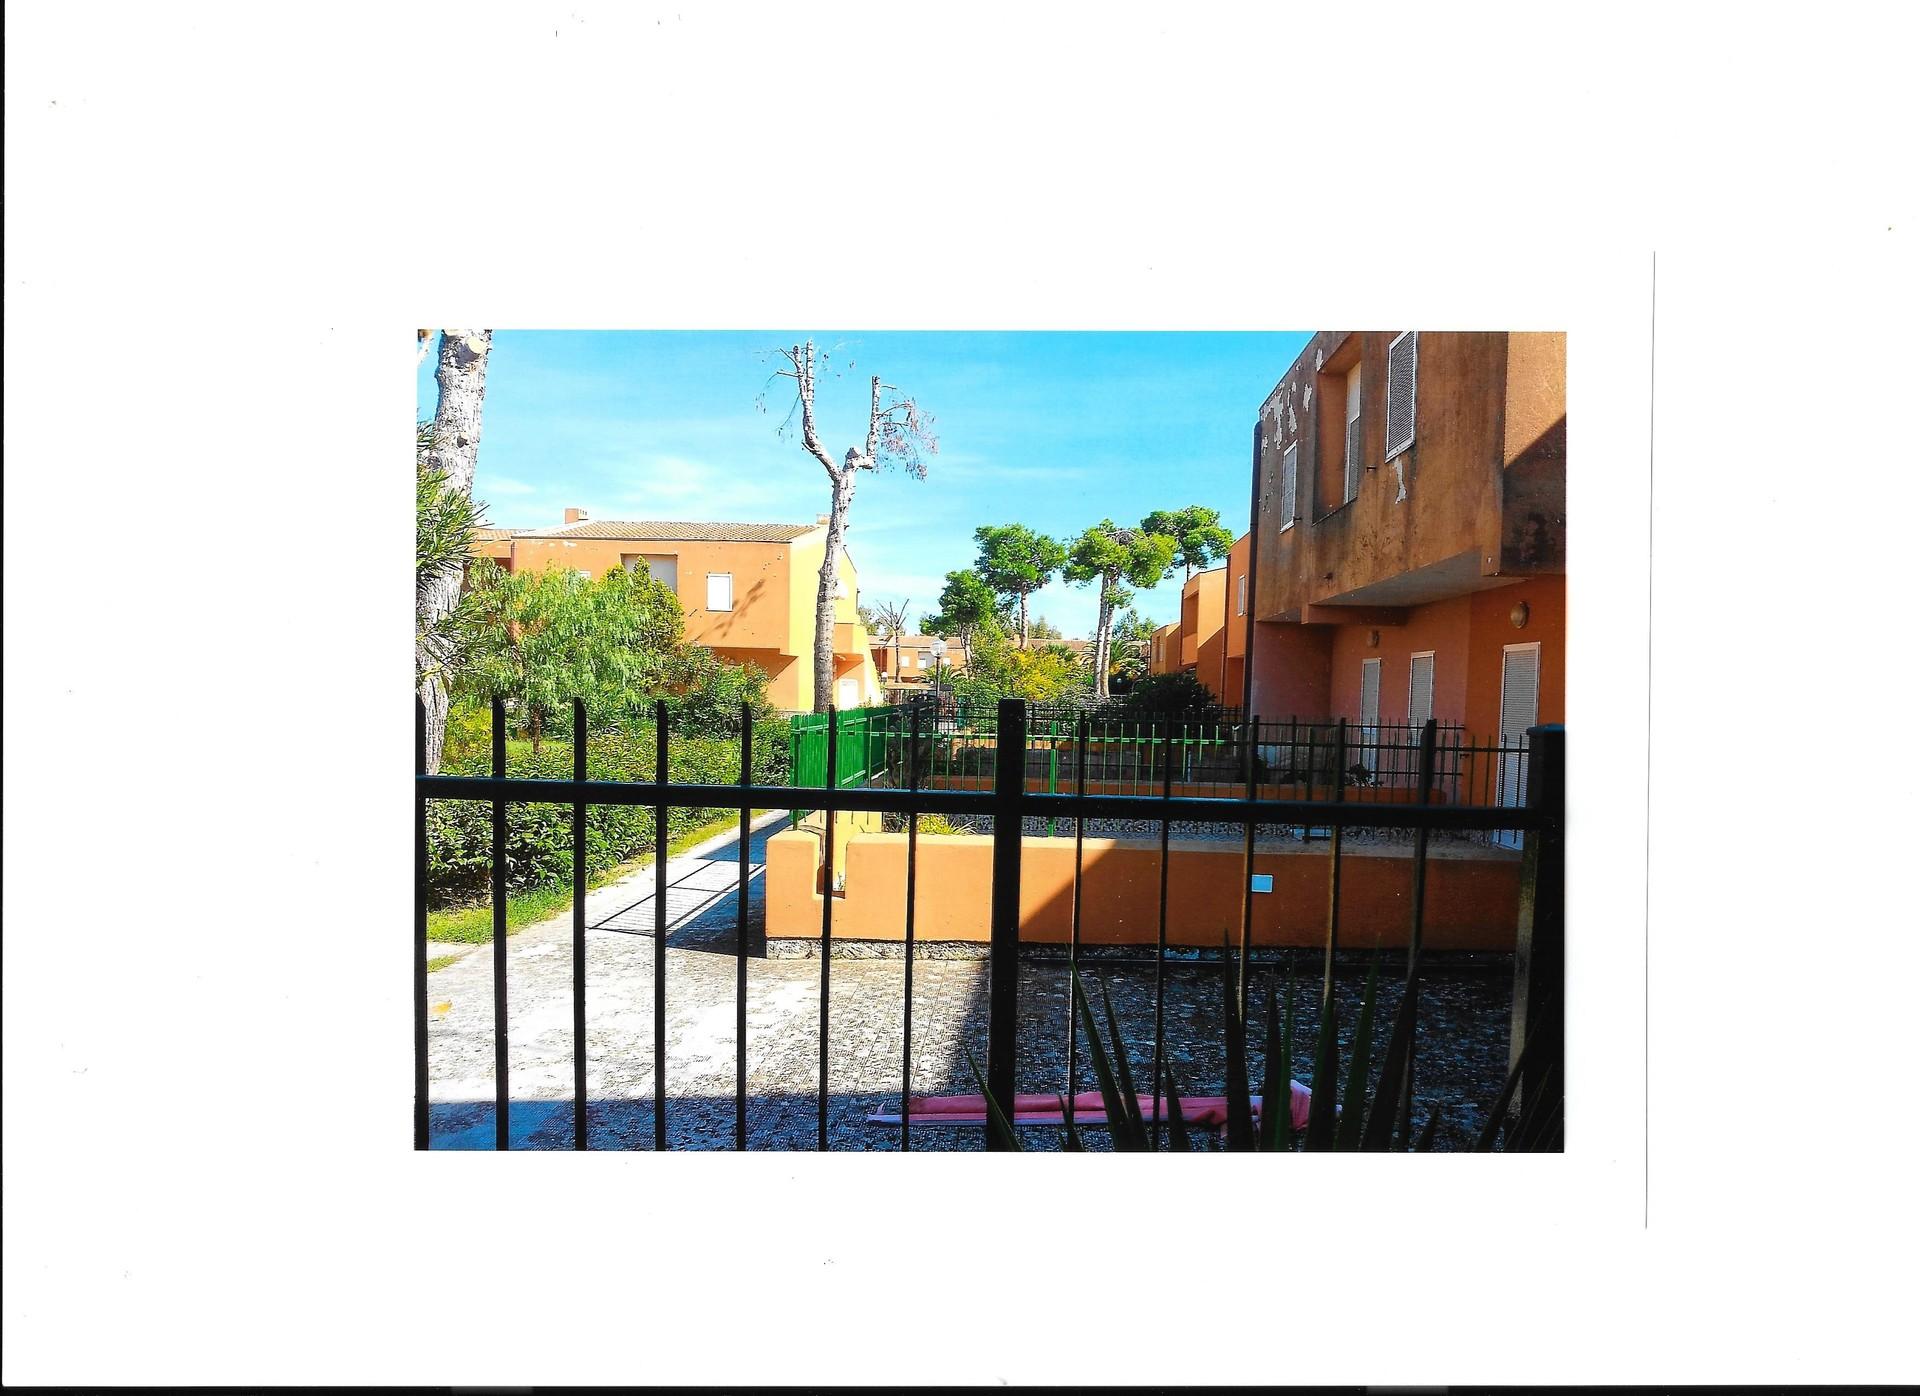 appartamento in afitto per studenti